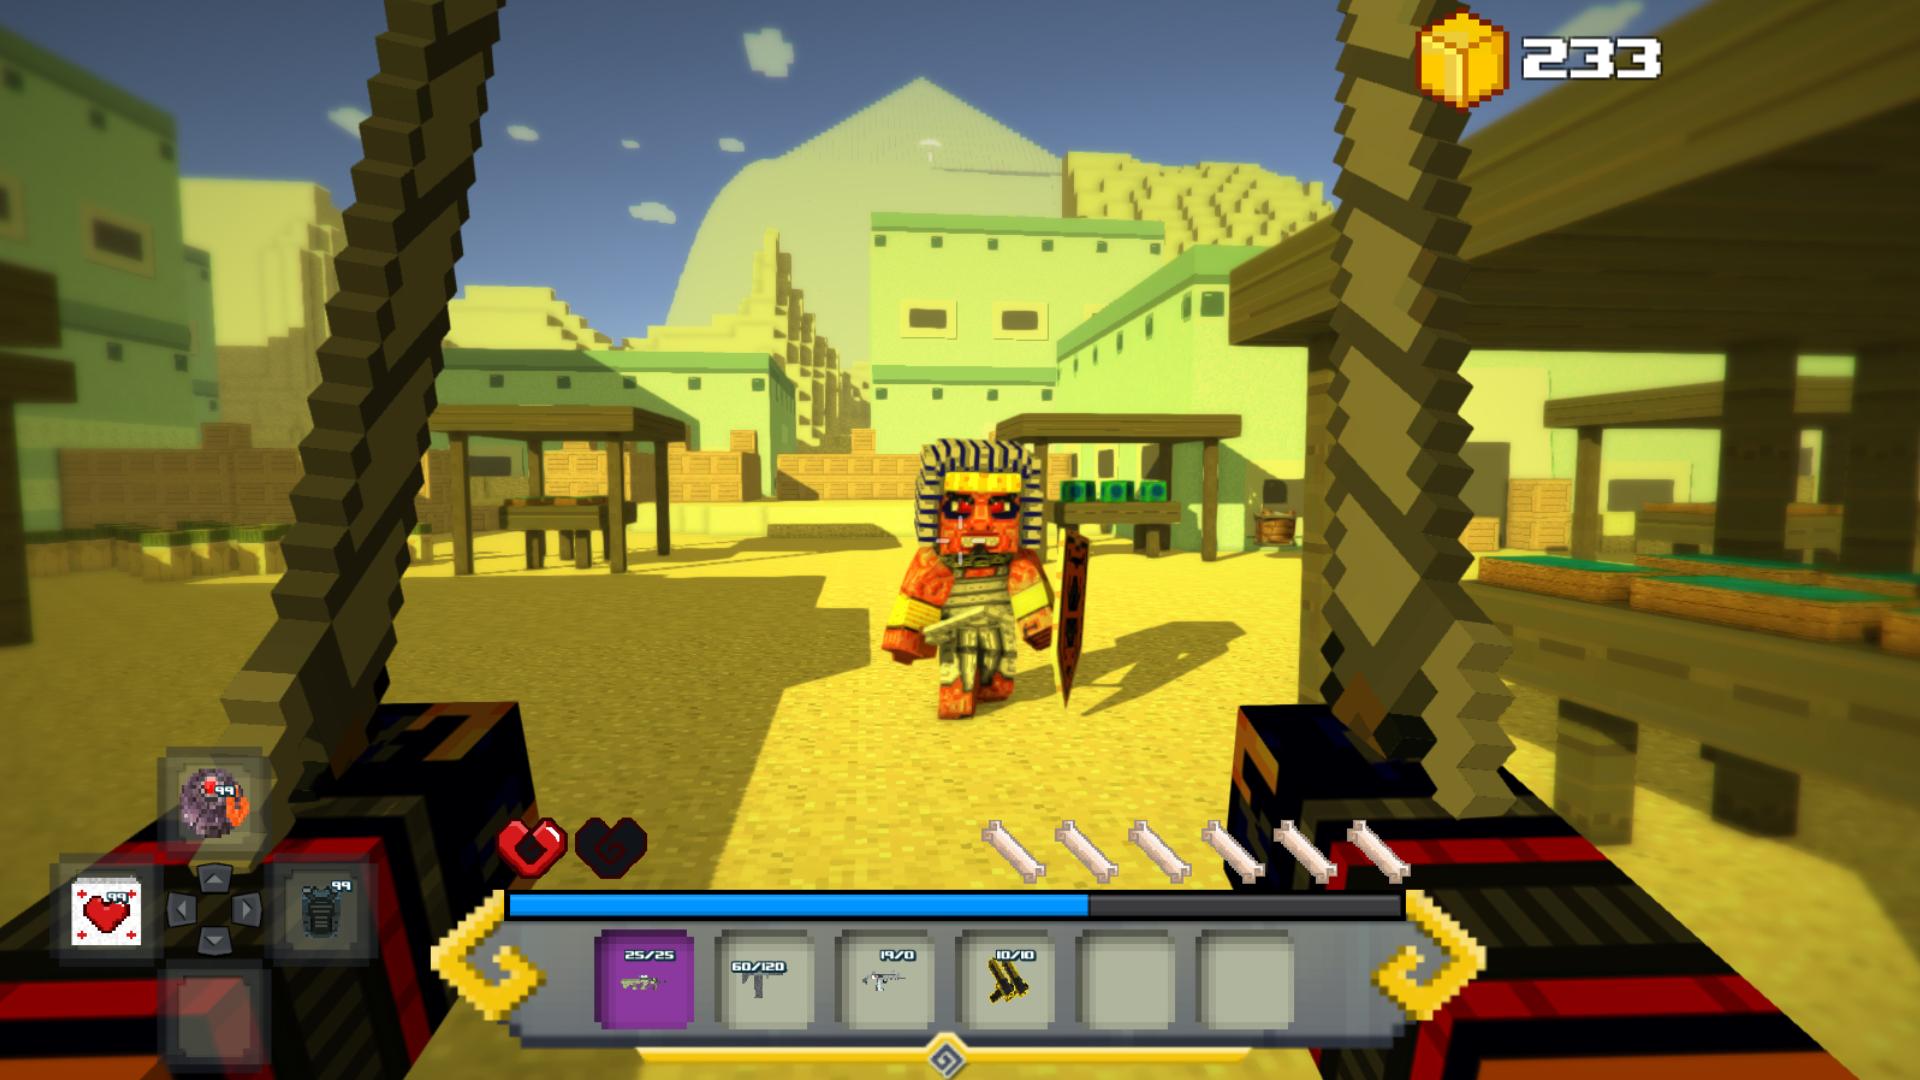 方块生存:失落岛屿传说 游戏截图